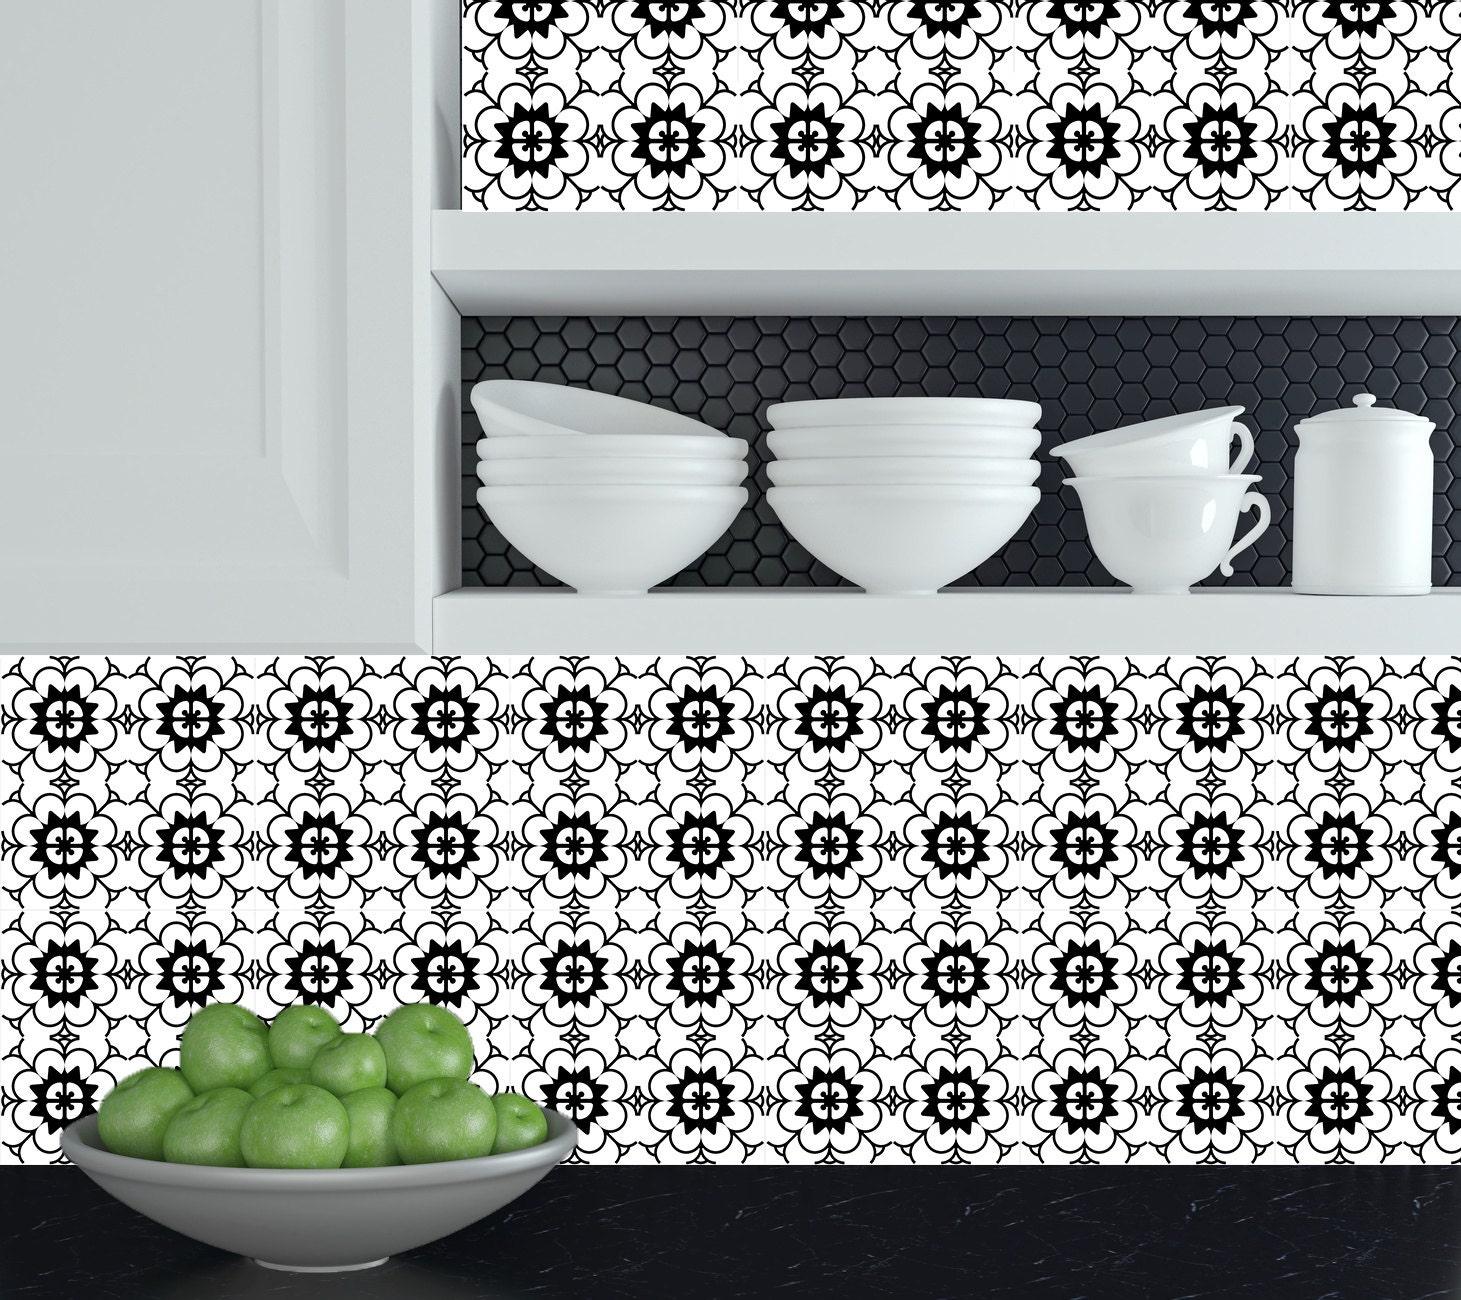 set van 24 tegels stickers zwart wit huisontwerp decoratie